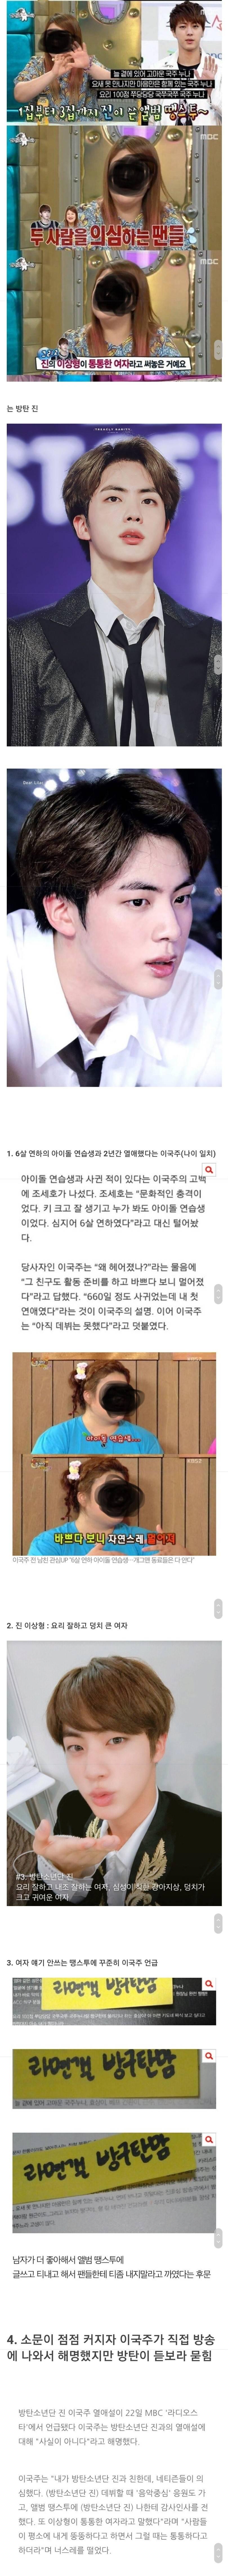 이국주와 열애설 있었던 방탄소년단 멤버.jpg | 인스티즈